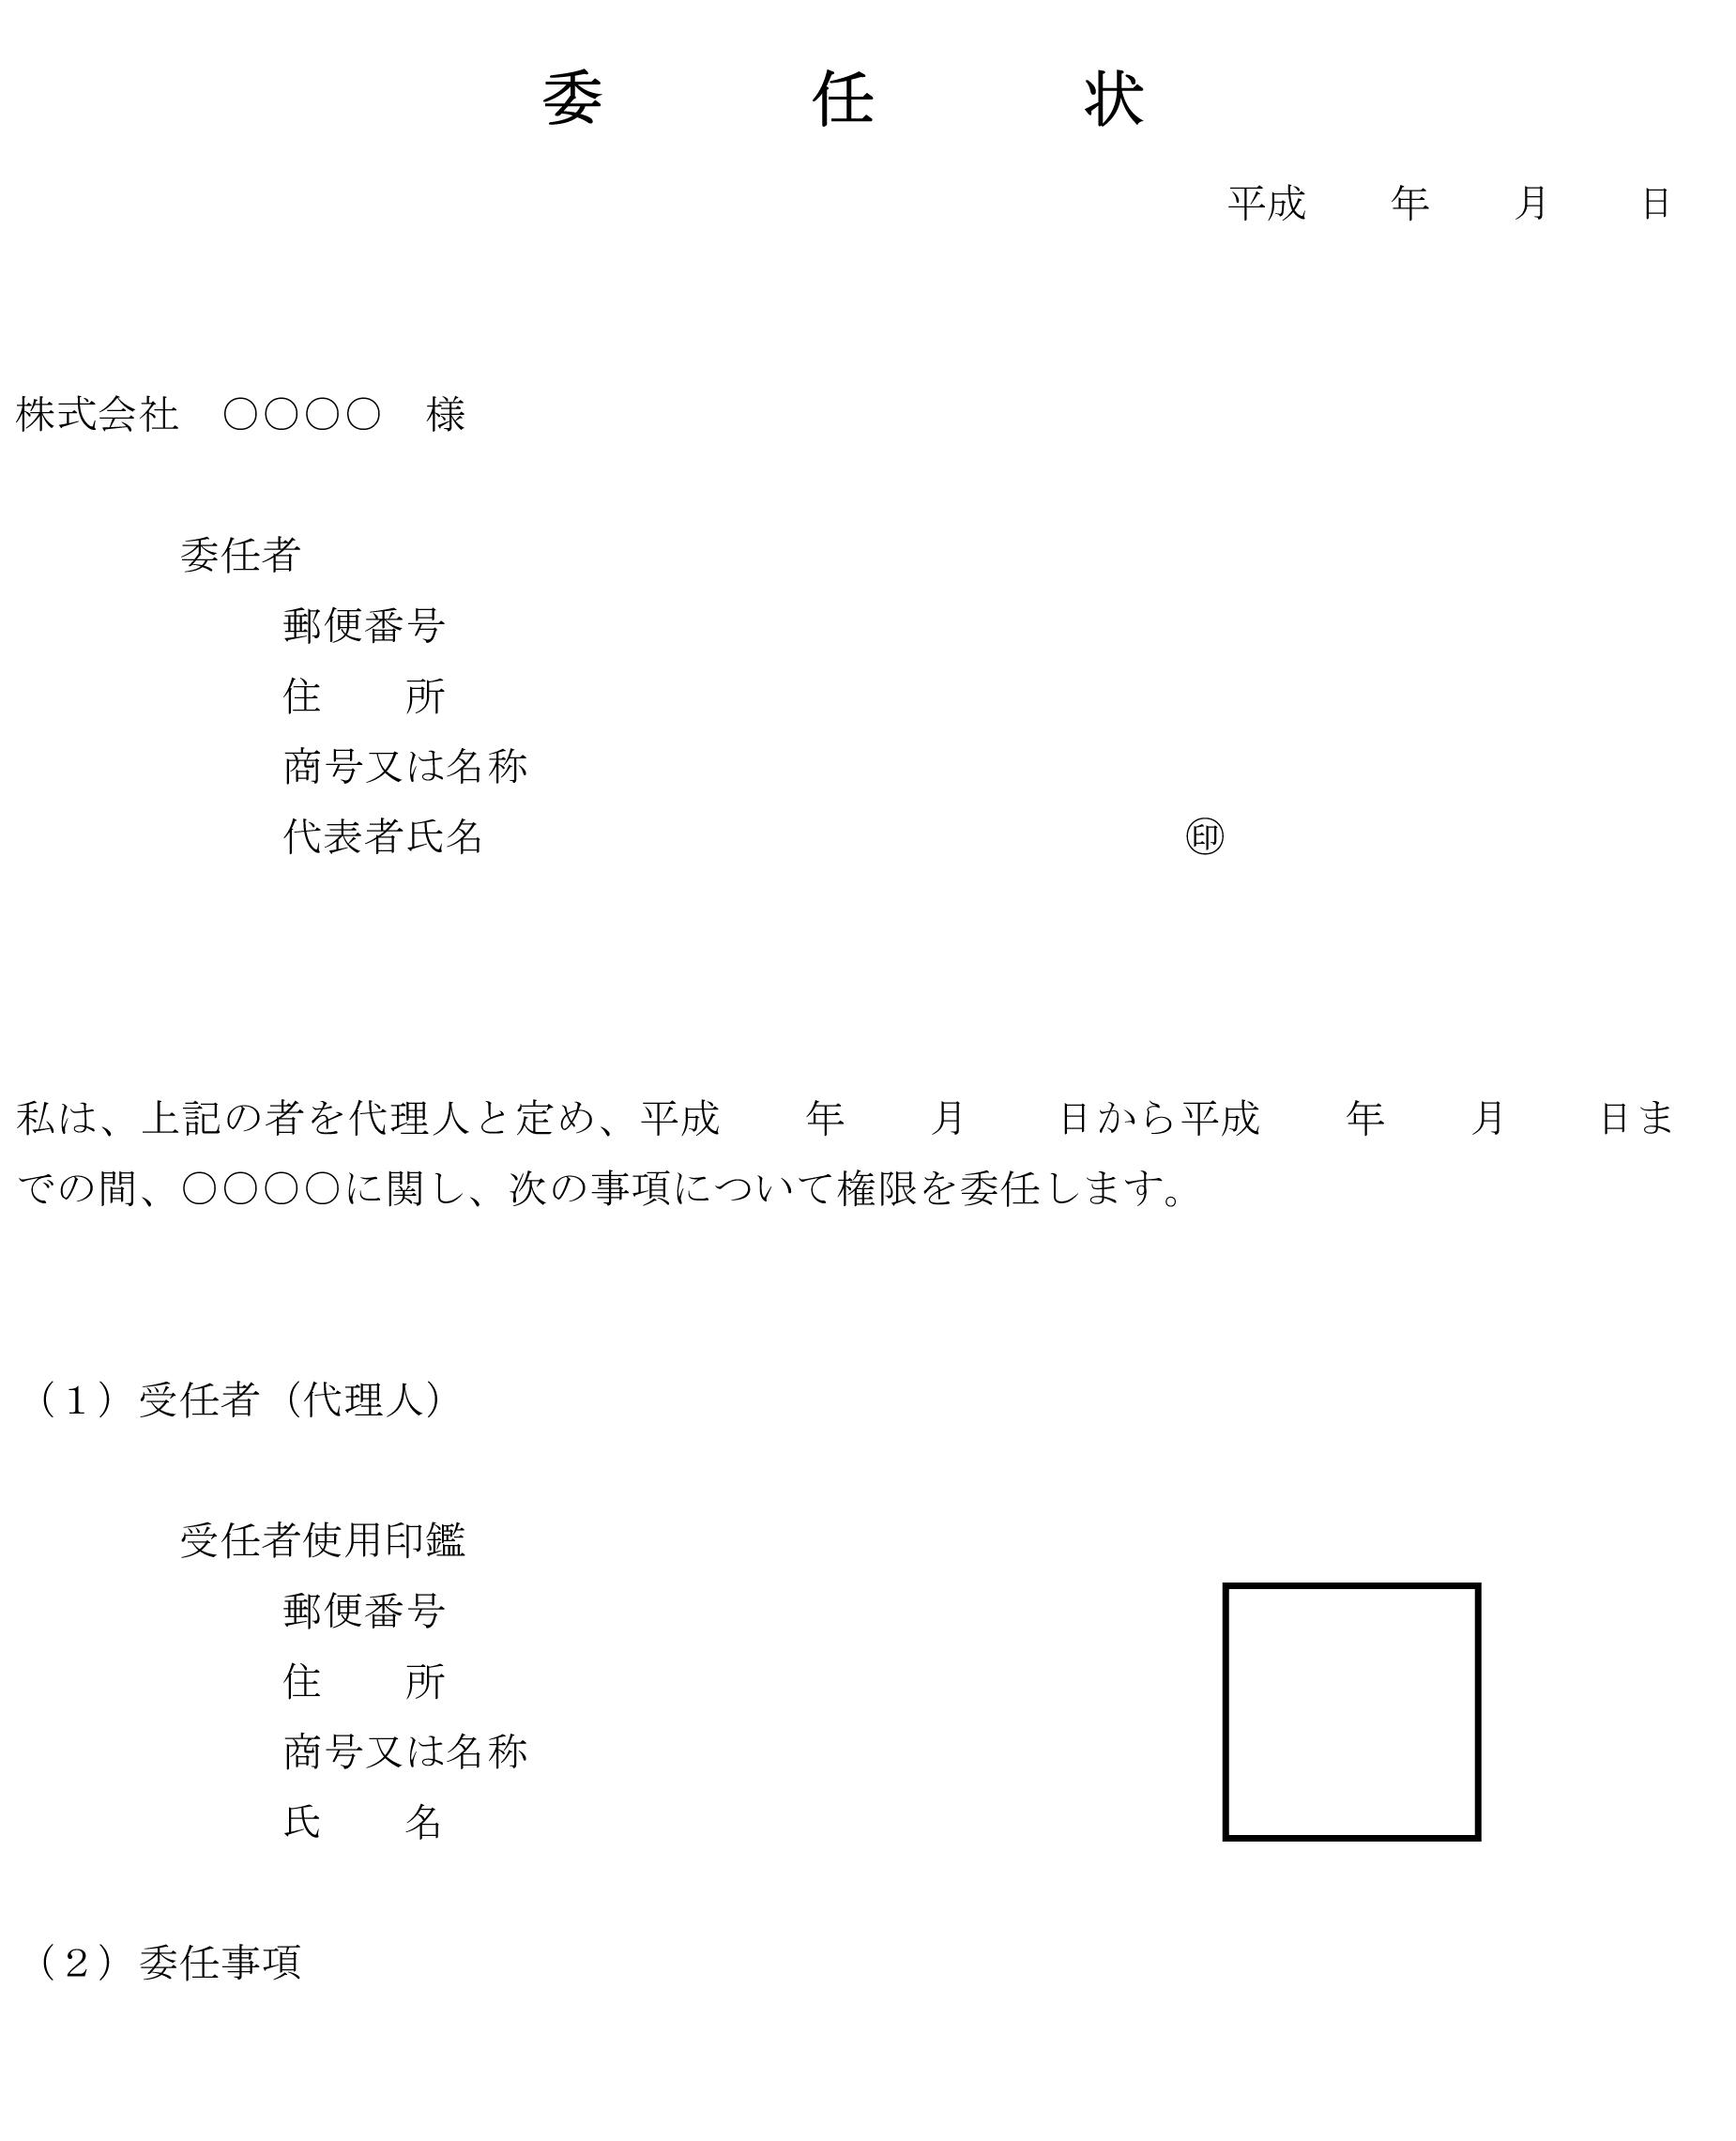 委任状05